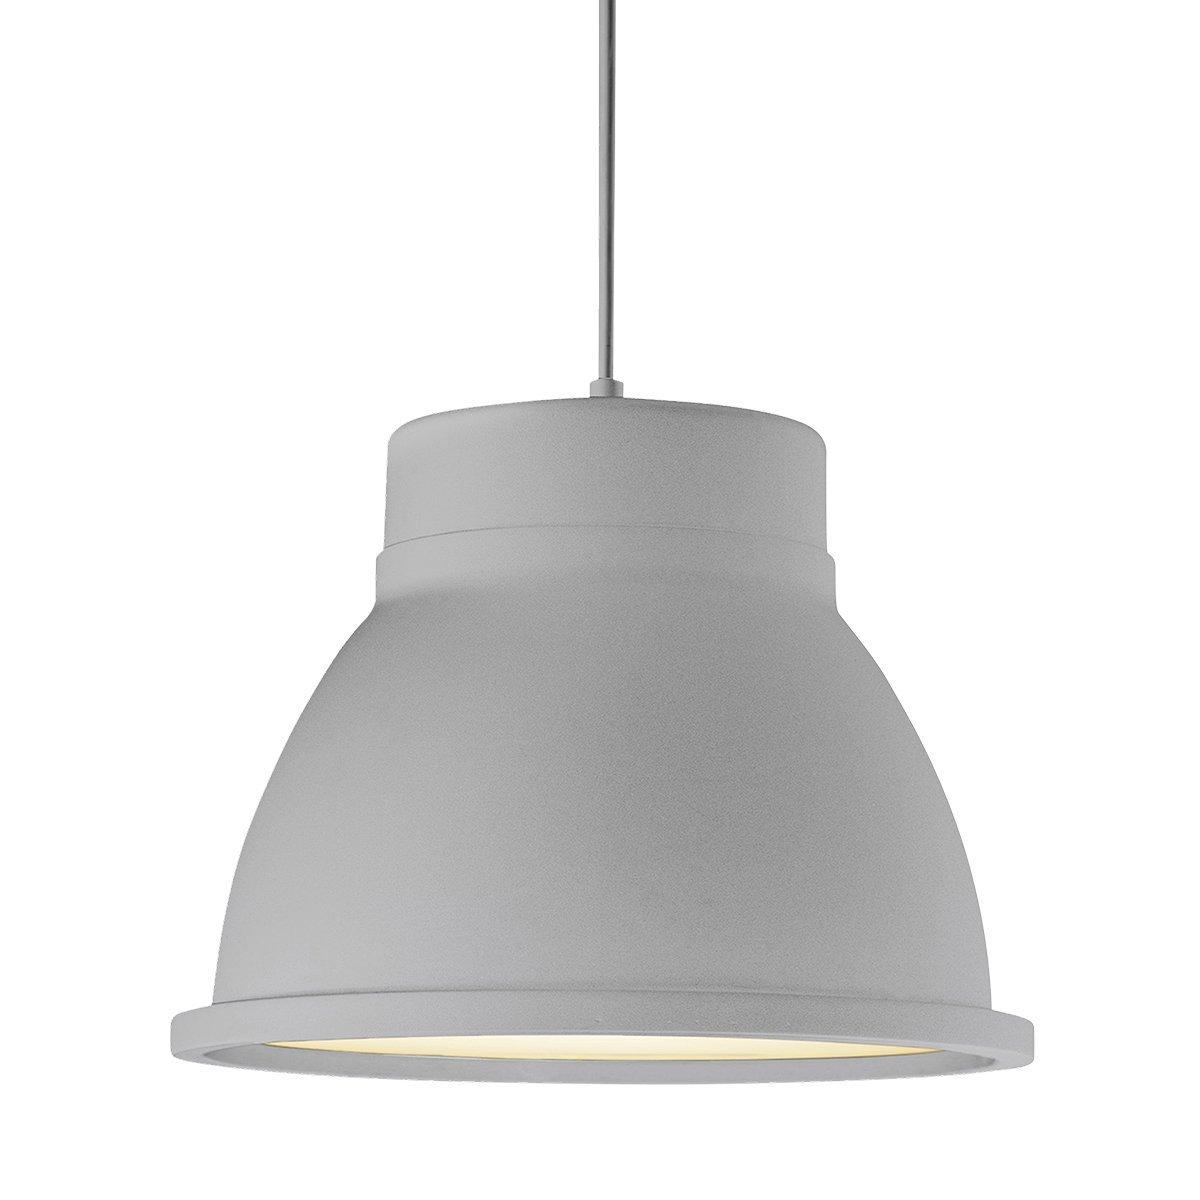 Muuto Studio Hanglamp Grijs